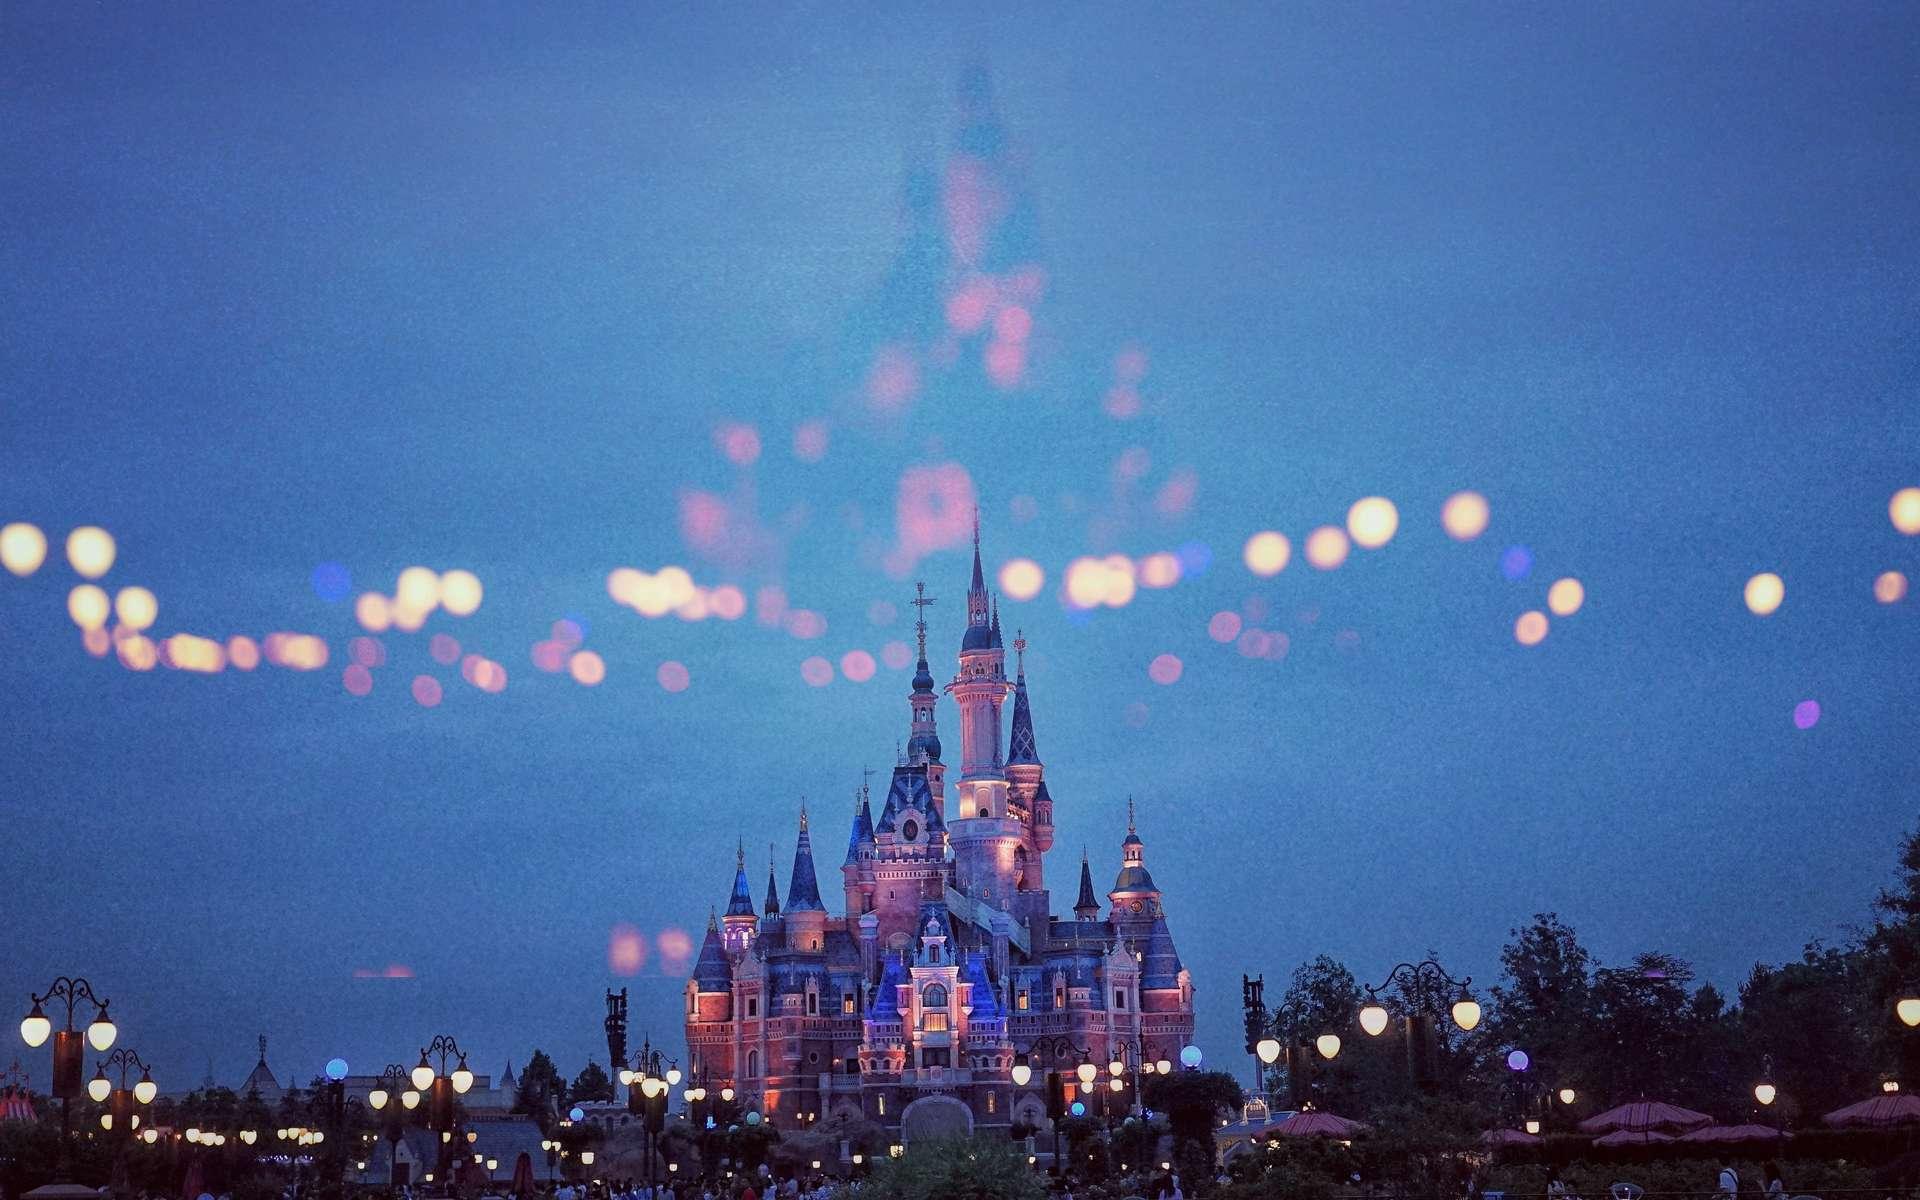 Comment essayer Disney+ gratuitement pendant une semaine ? © pan xiaozhen, Unsplash